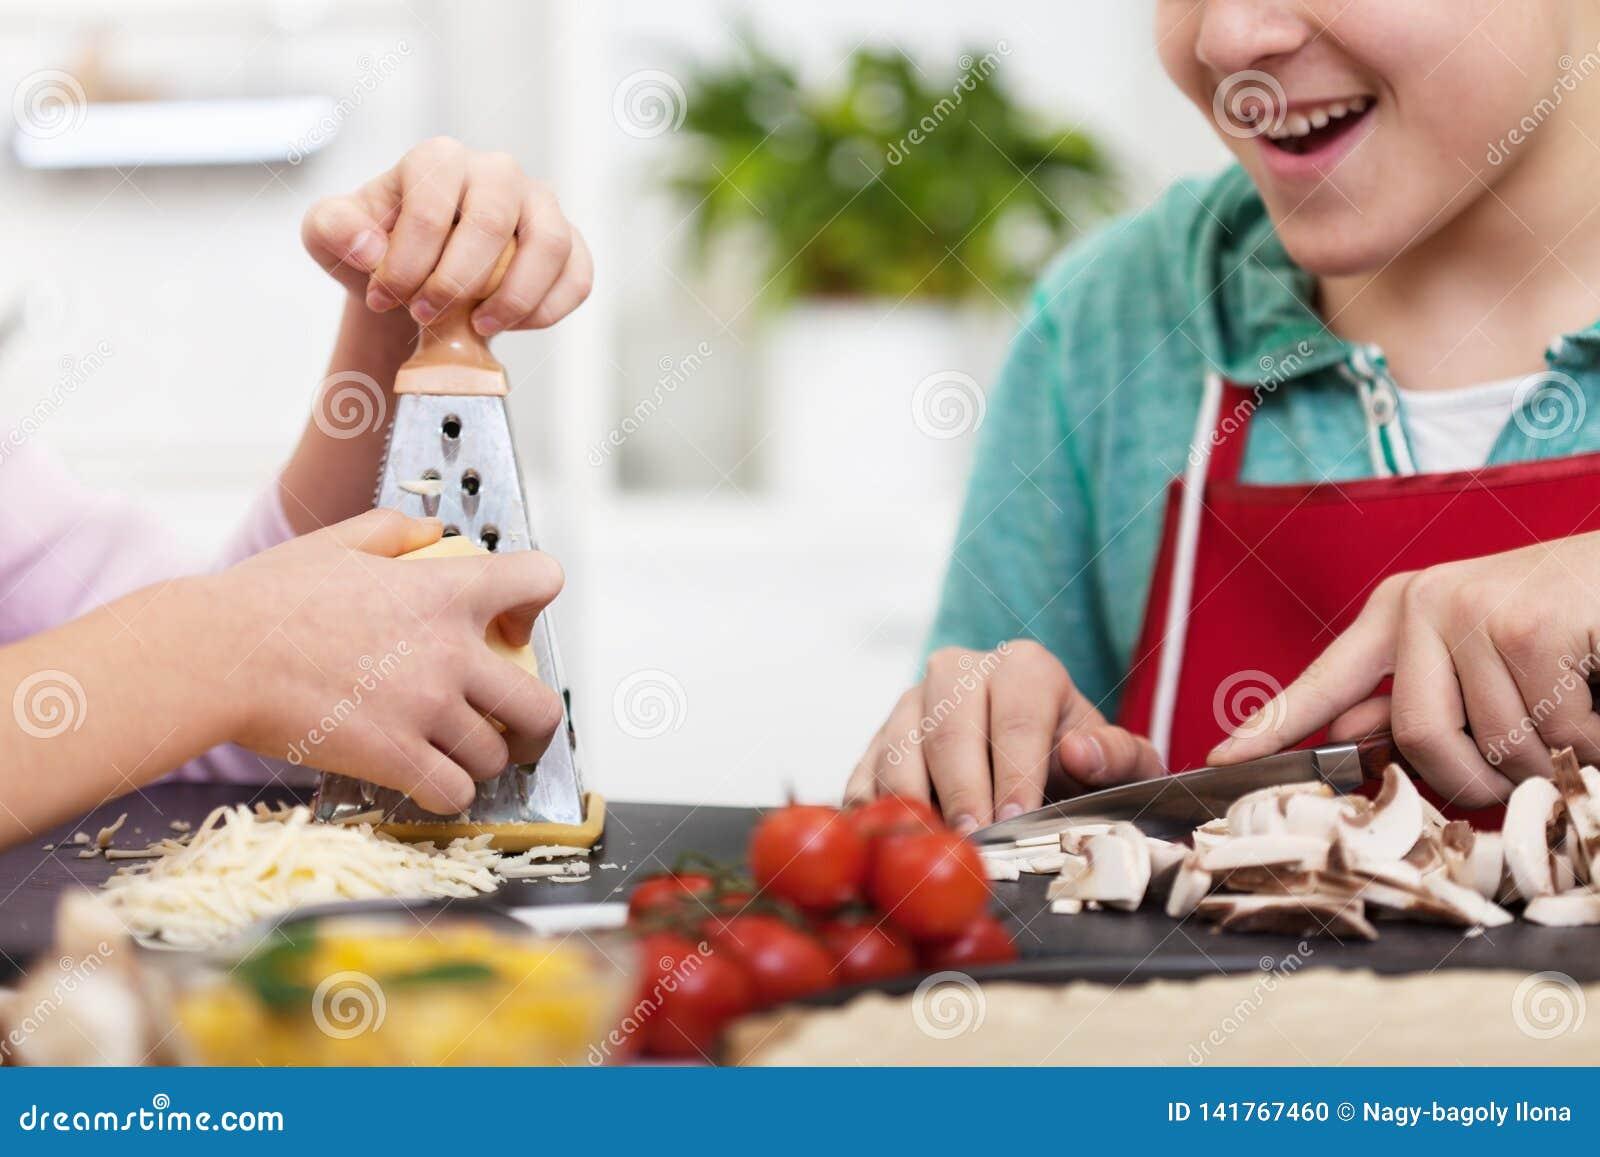 Młode nastolatek ręki przygotowywają pizzę w kuchni - zamyka w górę